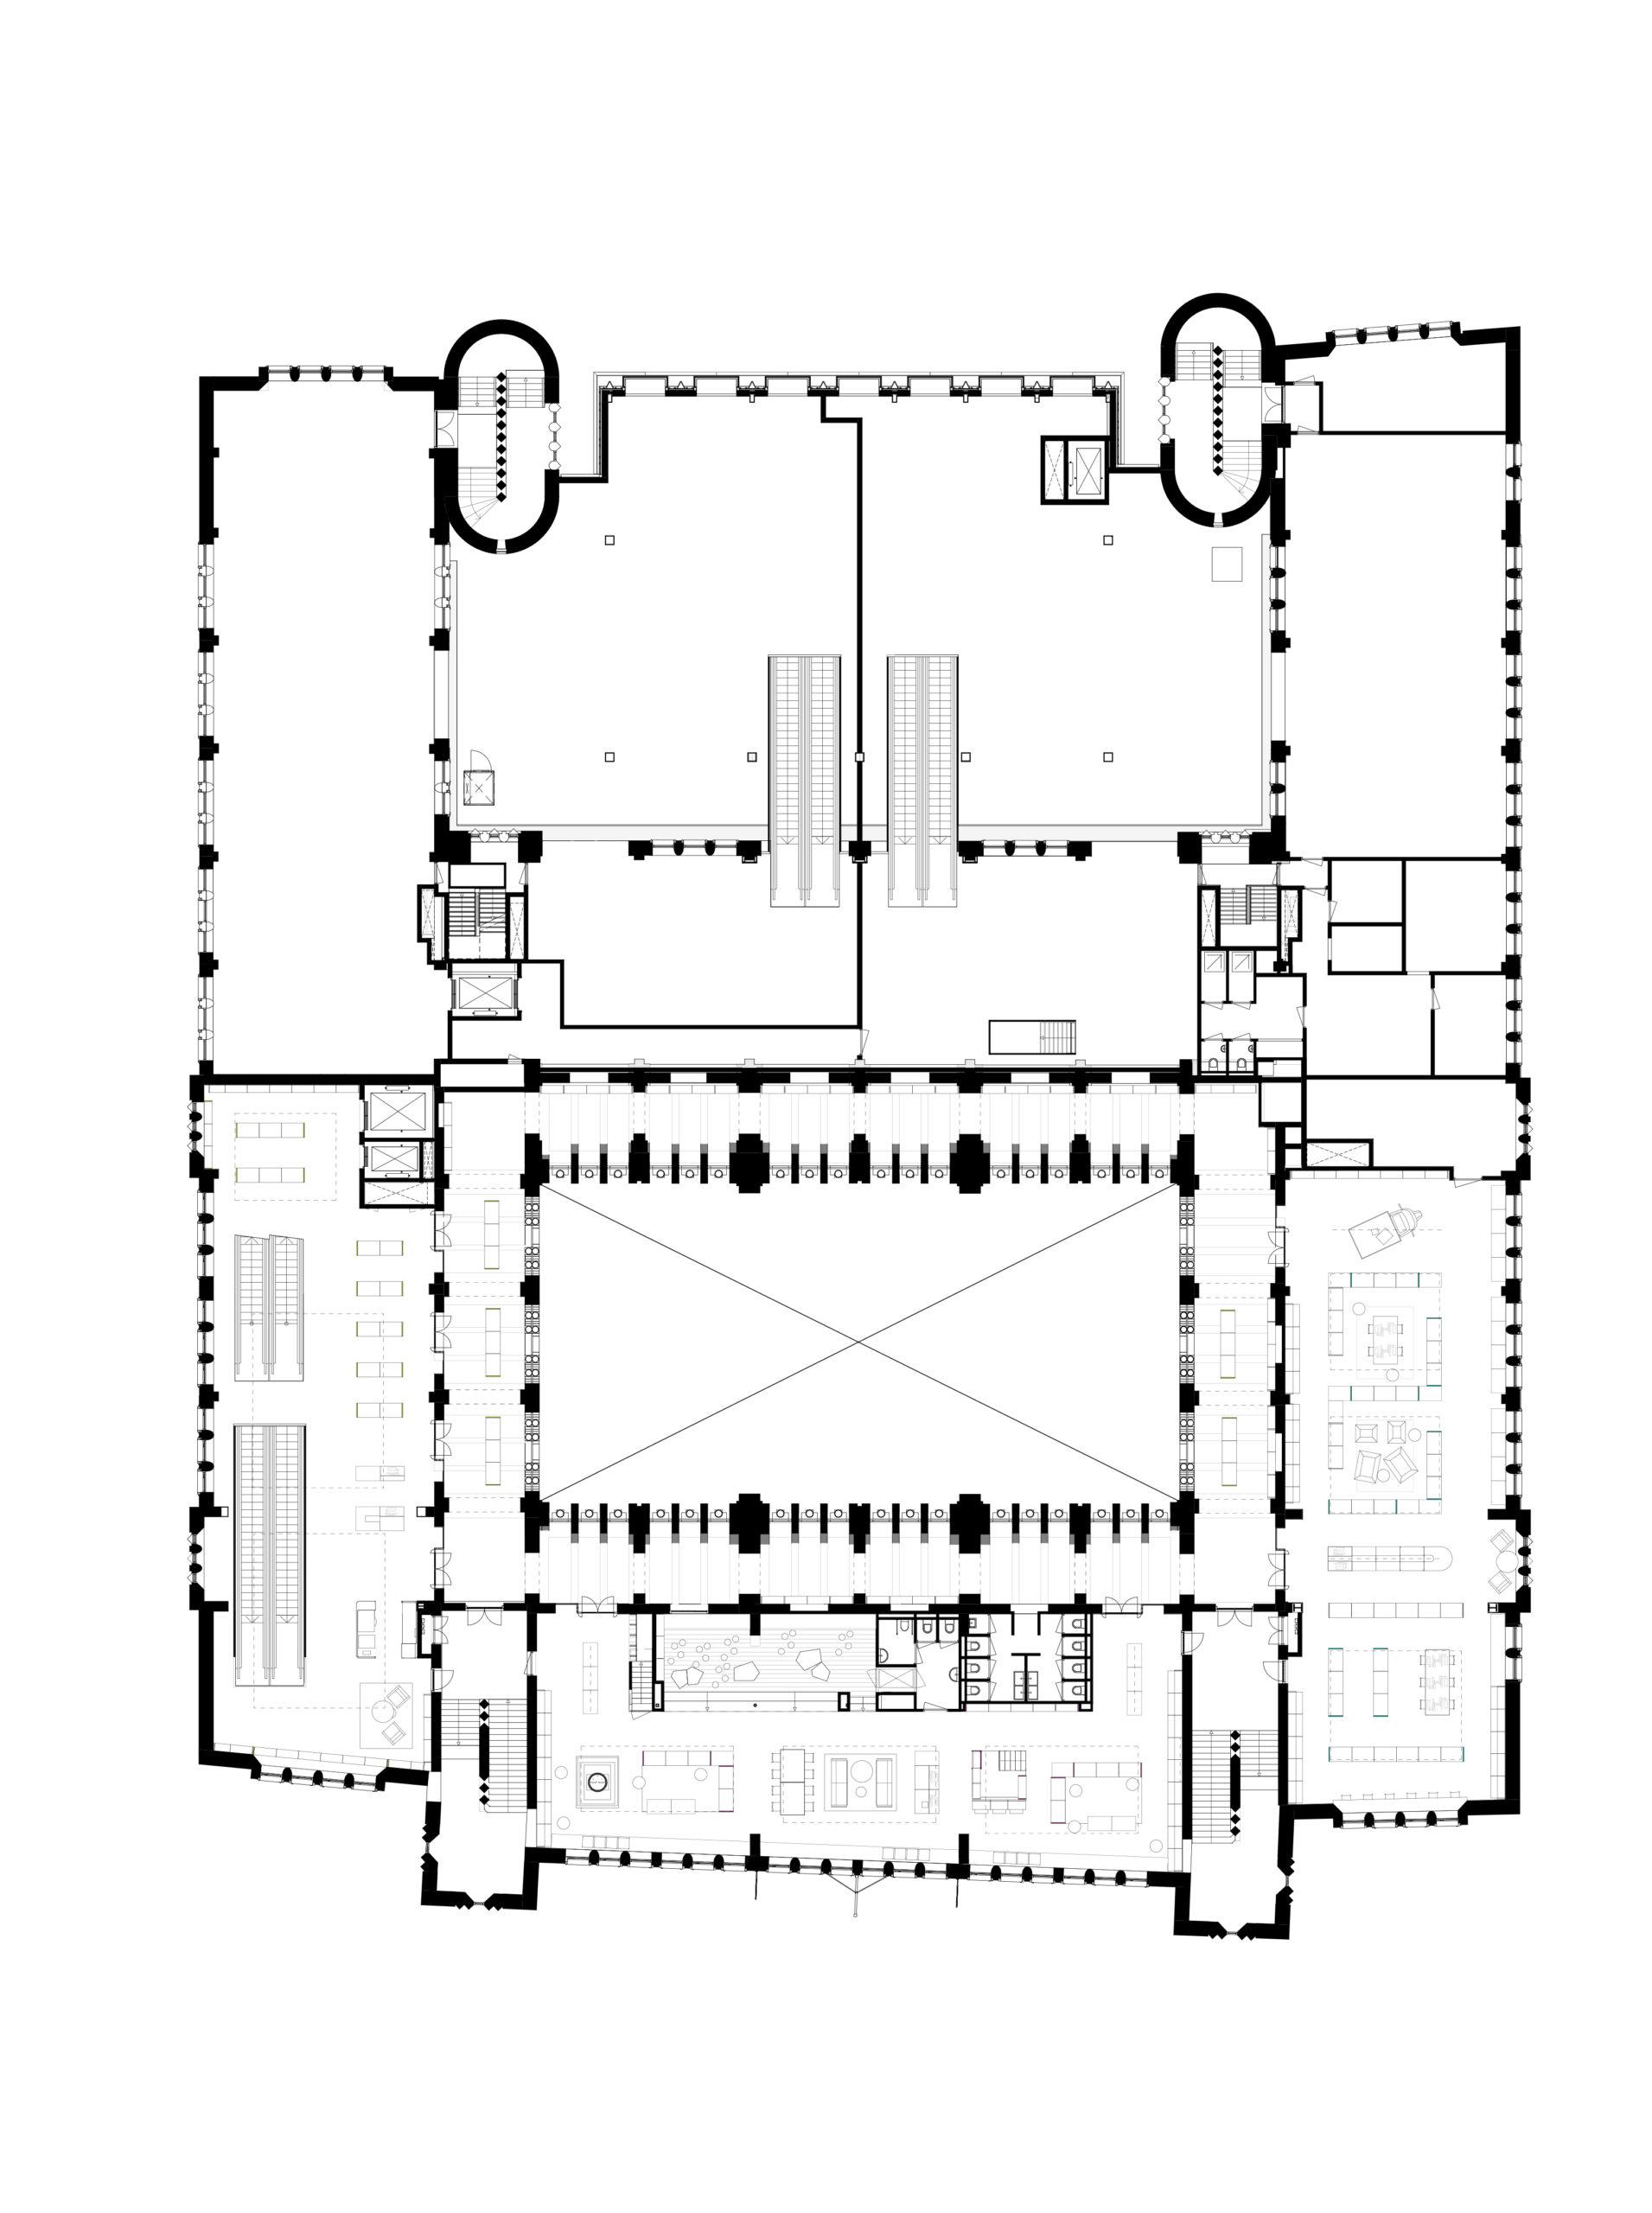 ZECC-RIJNBOUTT-Bibliotheek Utrecht-plattegrond 1e-alleen voor digitaal gebruik